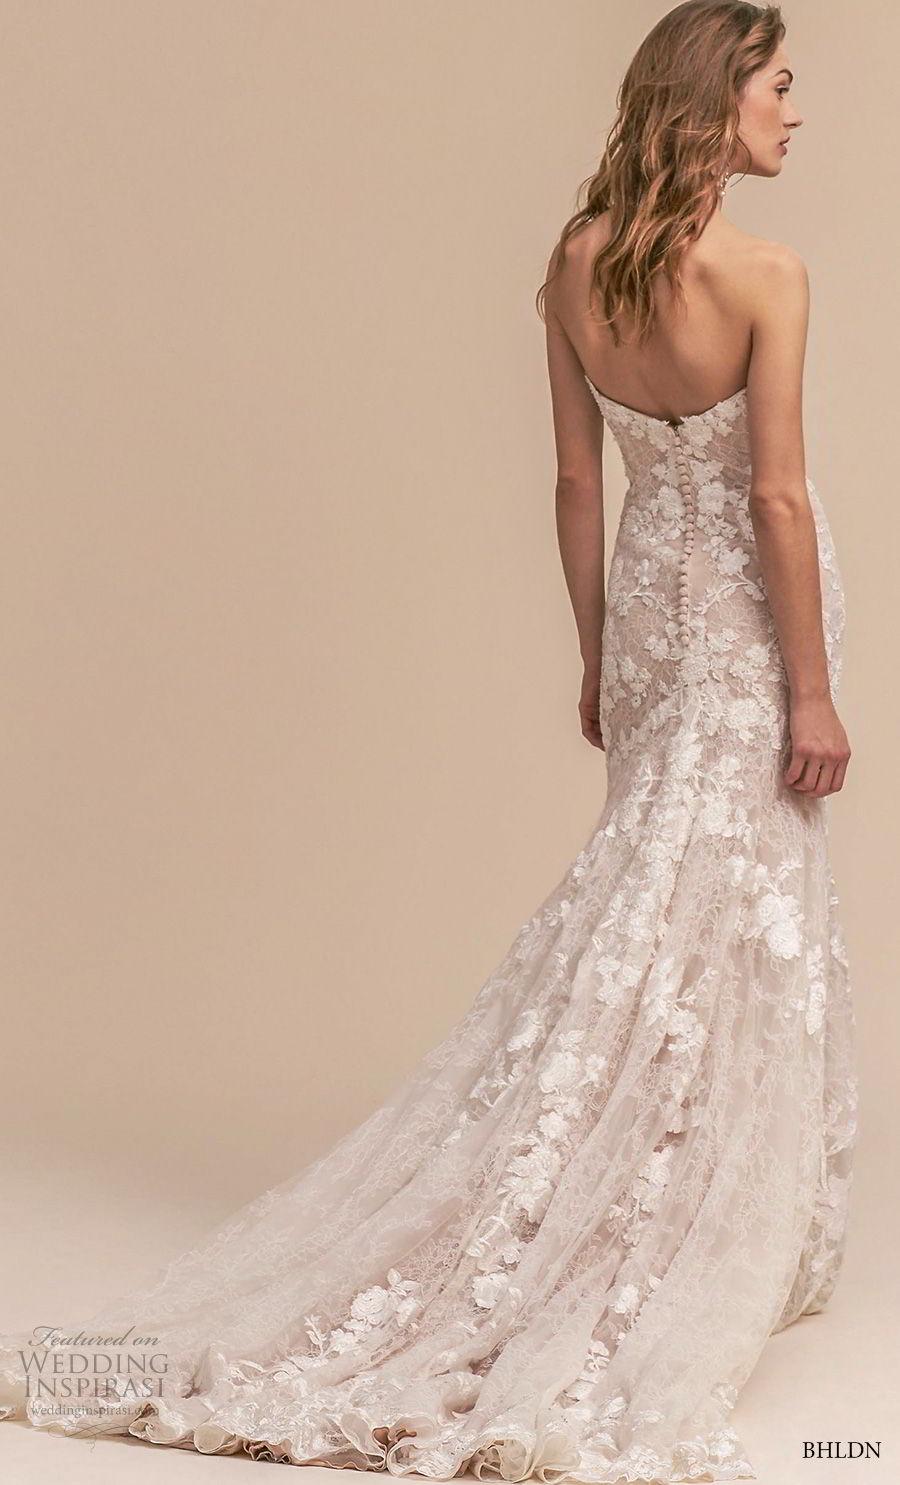 bhldn 2018 whispers bridal strapless sweetheart neckline full embellishment romantic blush mermaid weddinbg dress chapel train (3) bv